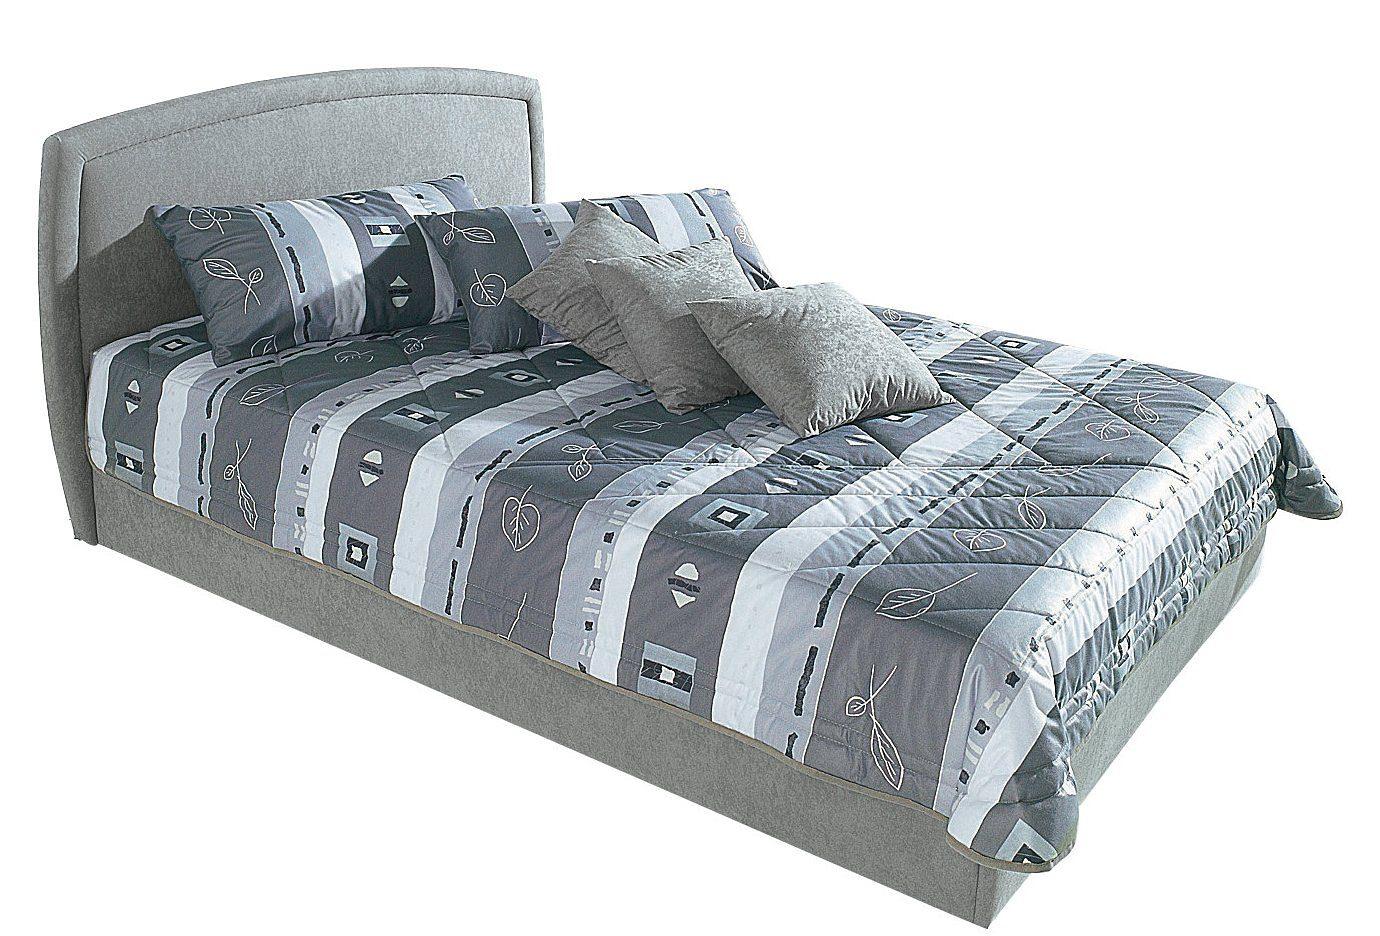 Westfalia Schlafkomfort Polsterbett   Schlafzimmer > Betten > Polsterbetten   Grau   Westfalia Schlafkomfort